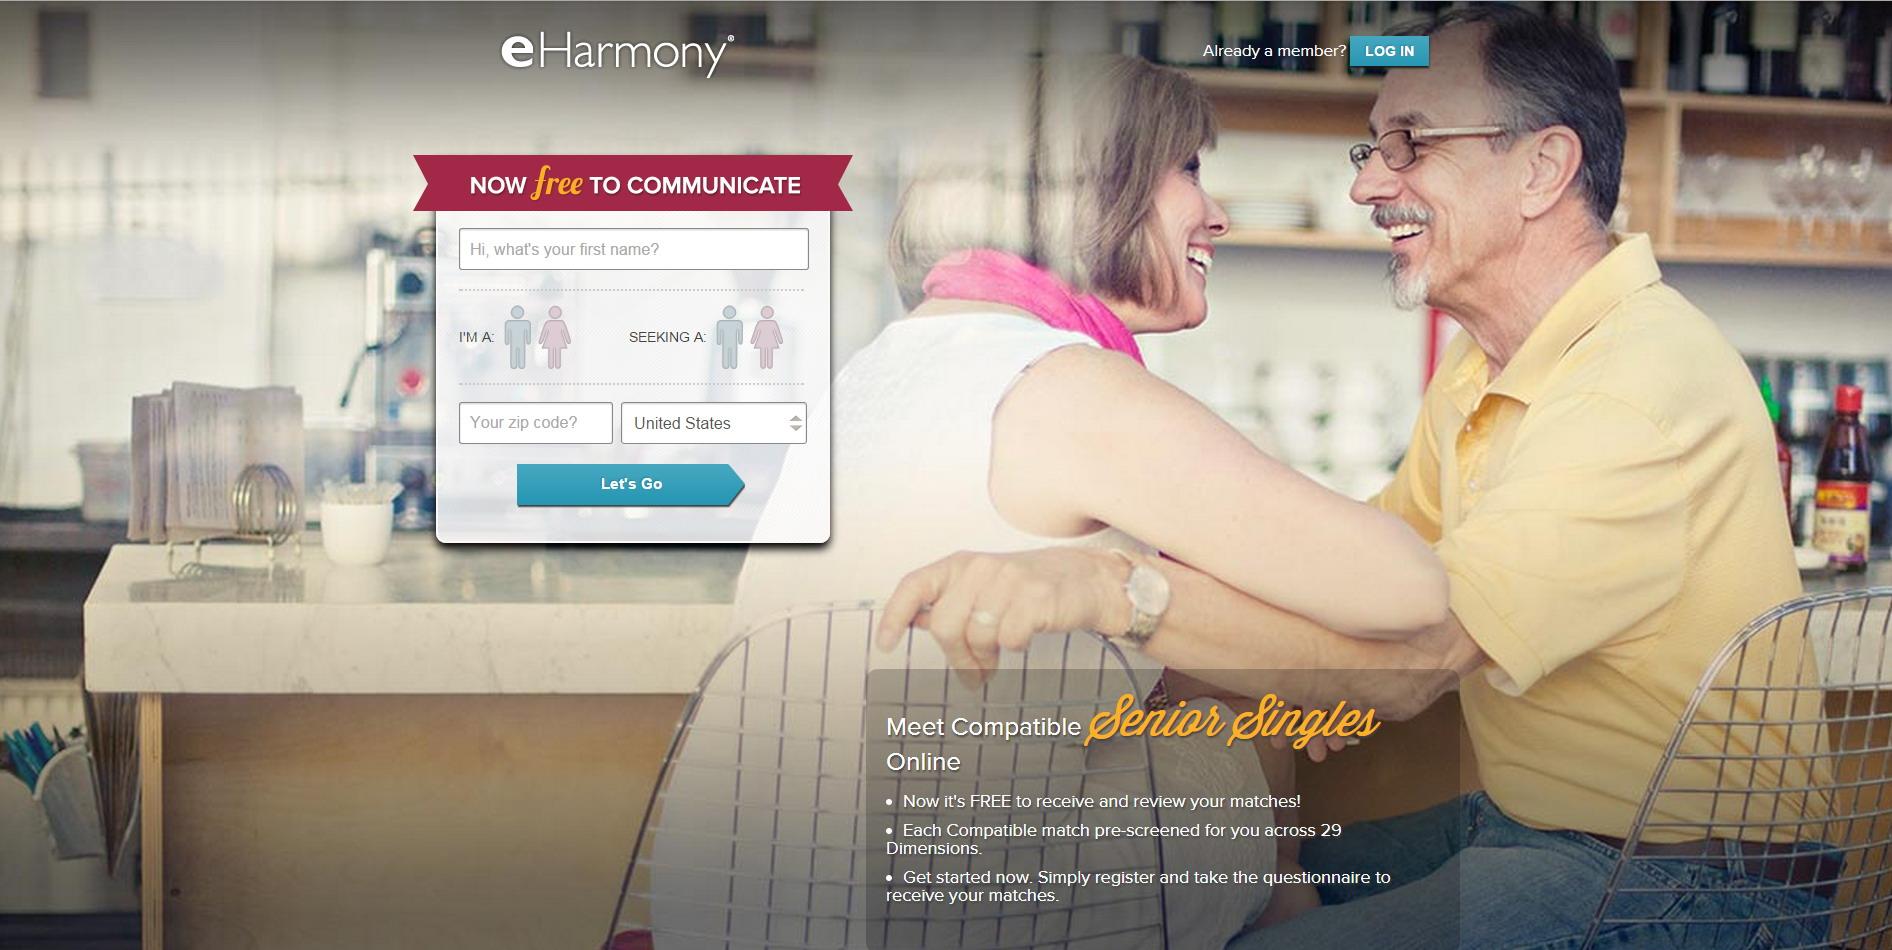 дама в преклонном возрасте тоже ищет секс на сайтах